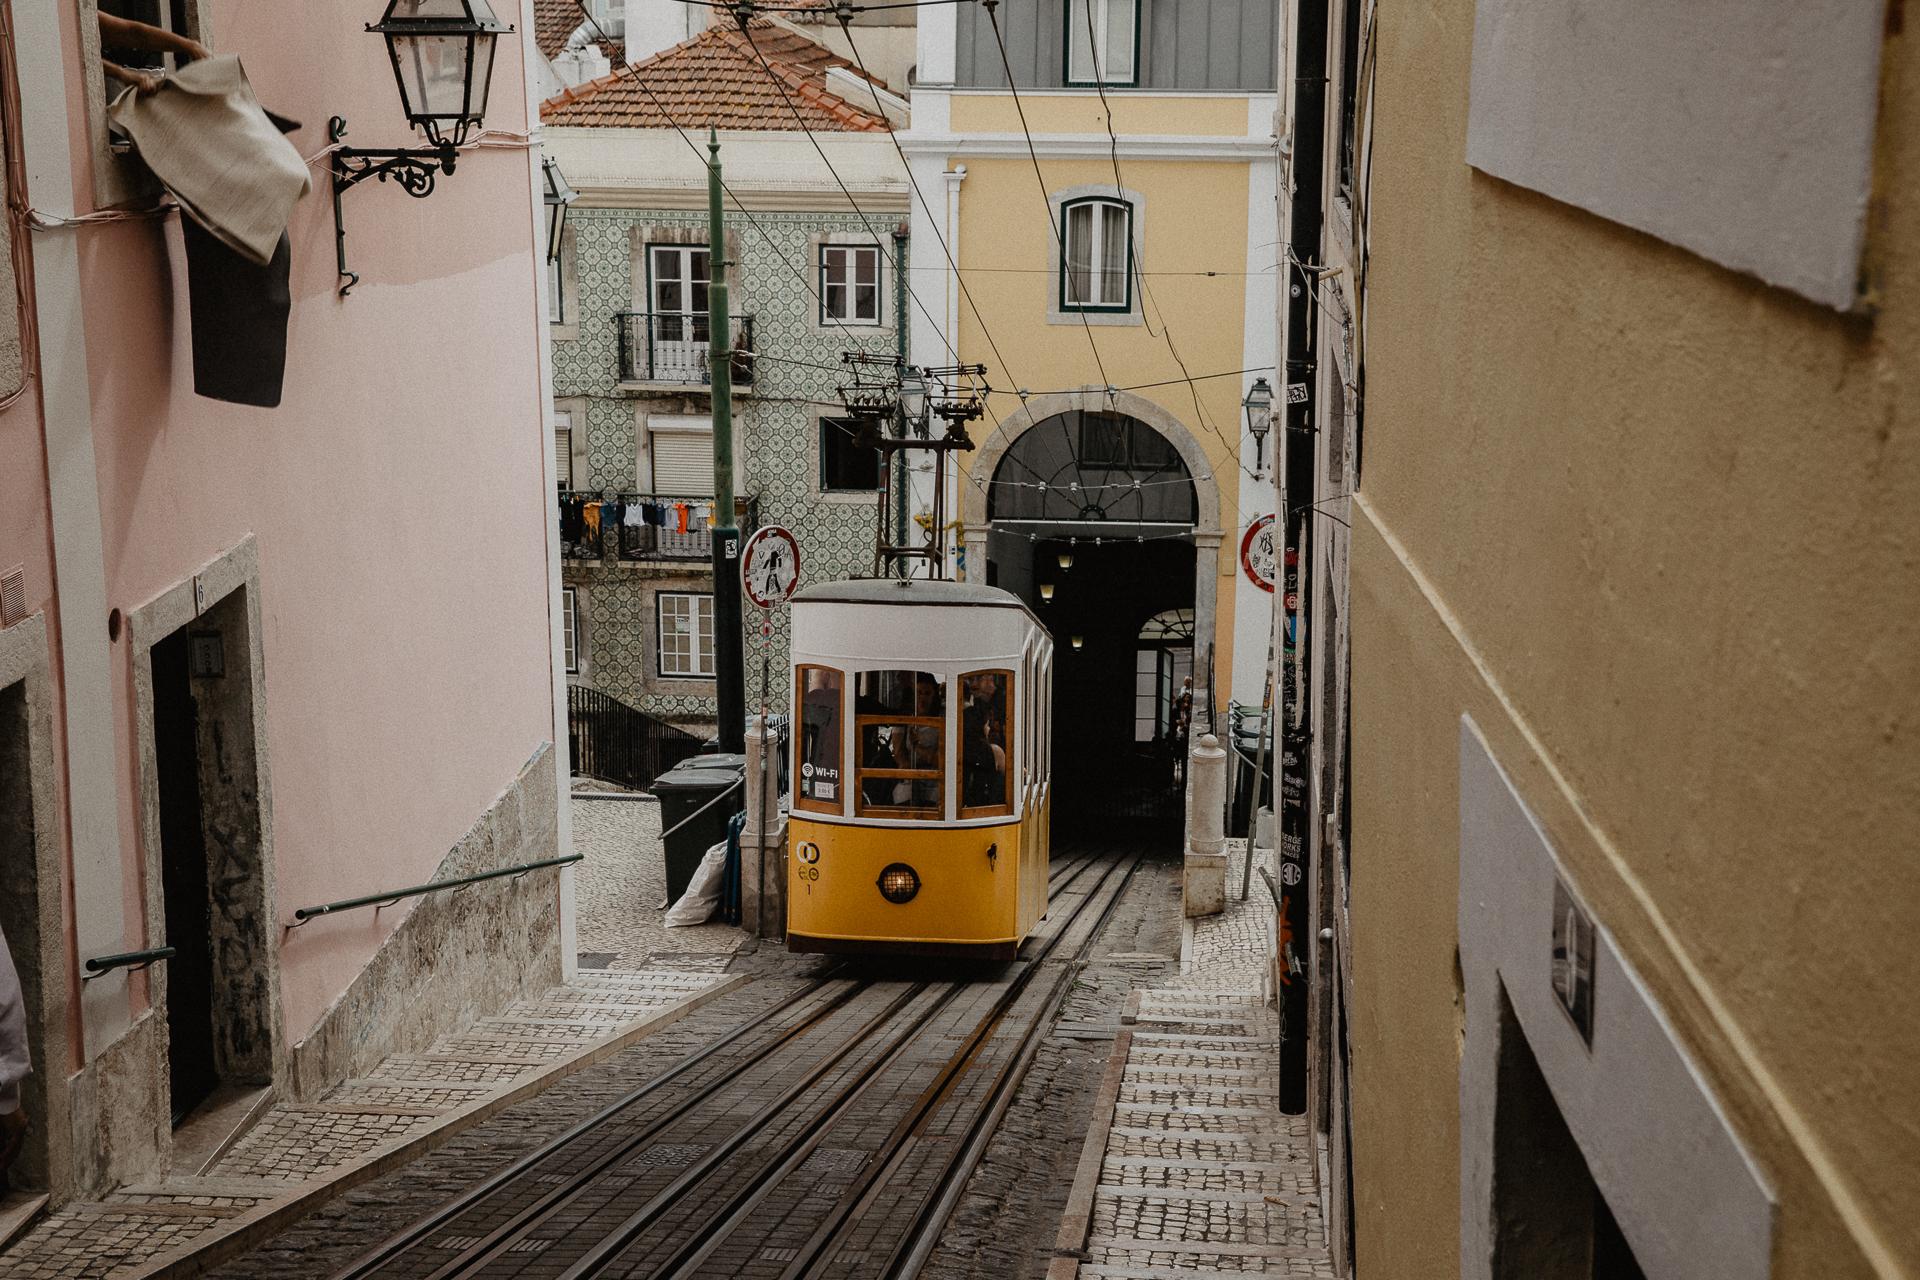 Reise von Deutschland nach Portugal mit dem eigenen Auto Kosten Route